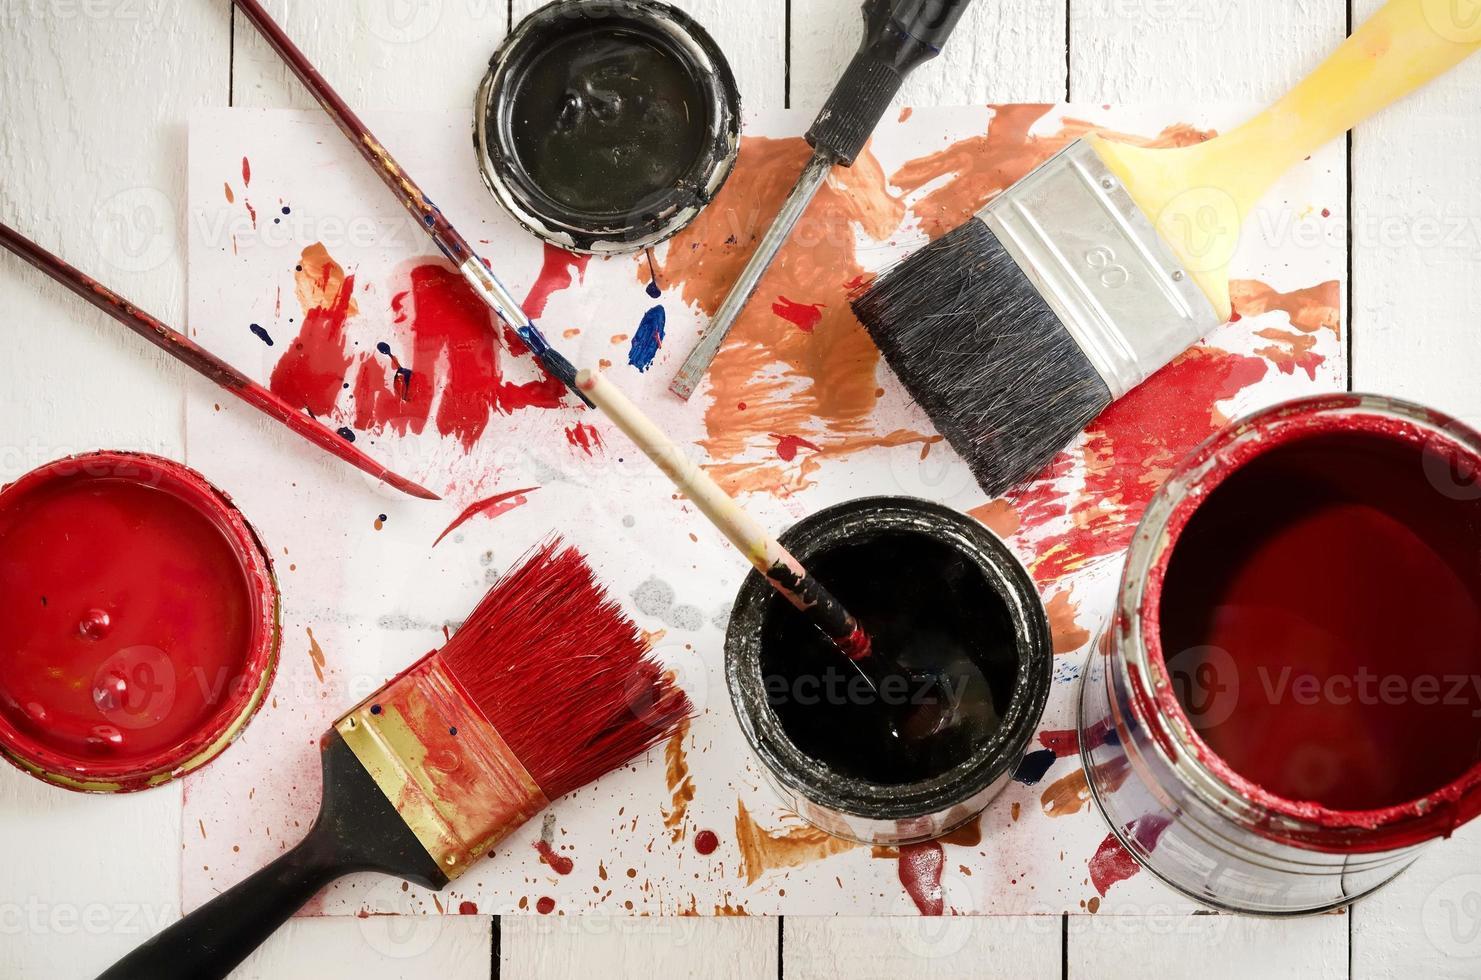 pennelli e vernici. foto